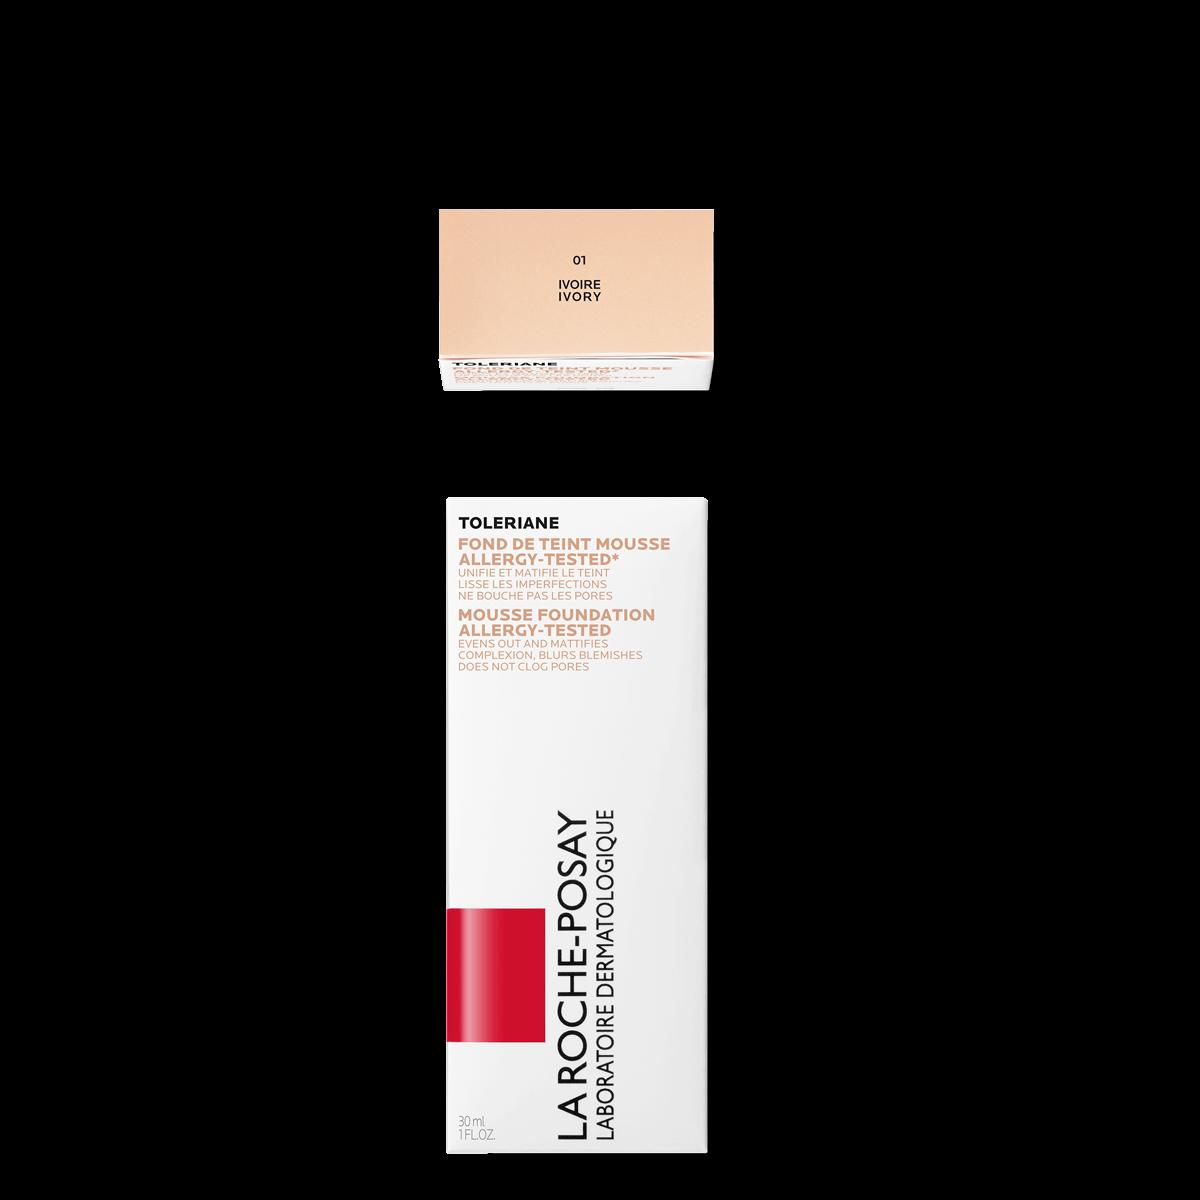 La Roche Posay Citlivá Toleriane Make-up PĚNOVÝ MAKE-UP 01IVORY 3